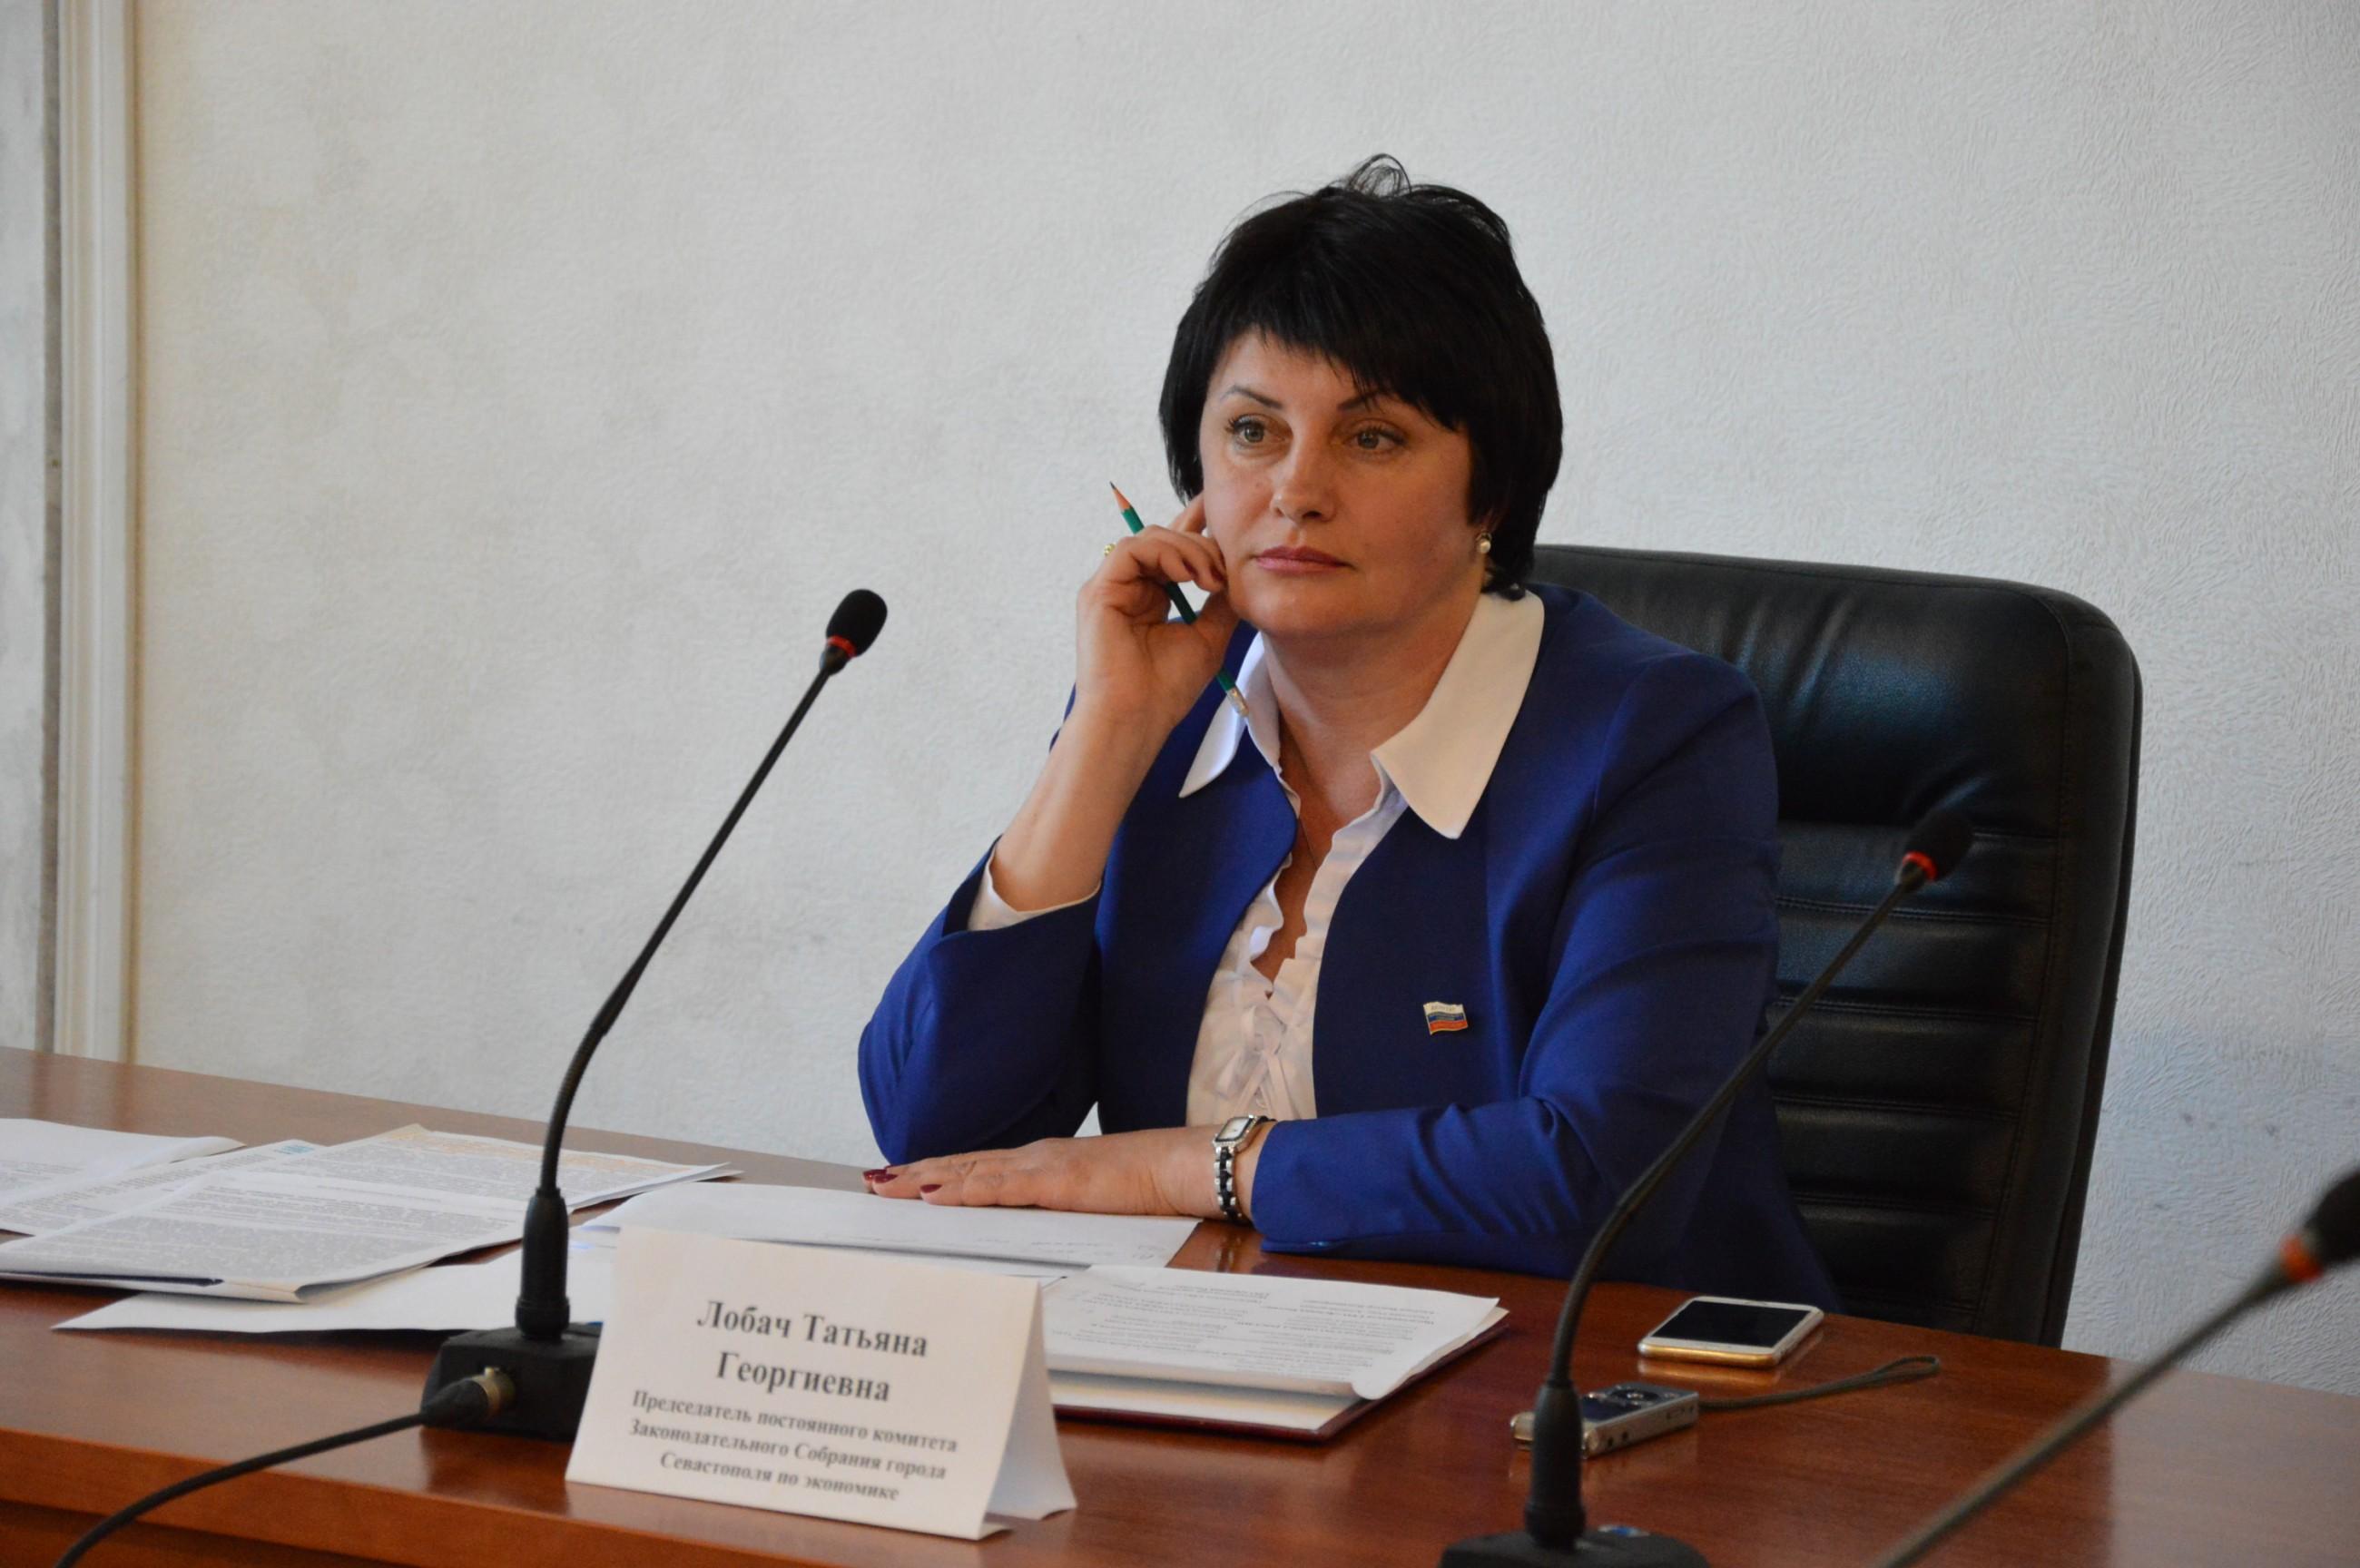 Татьяна Лобач возглавит фракцию «Единой России» в Заксобрании Севастополя